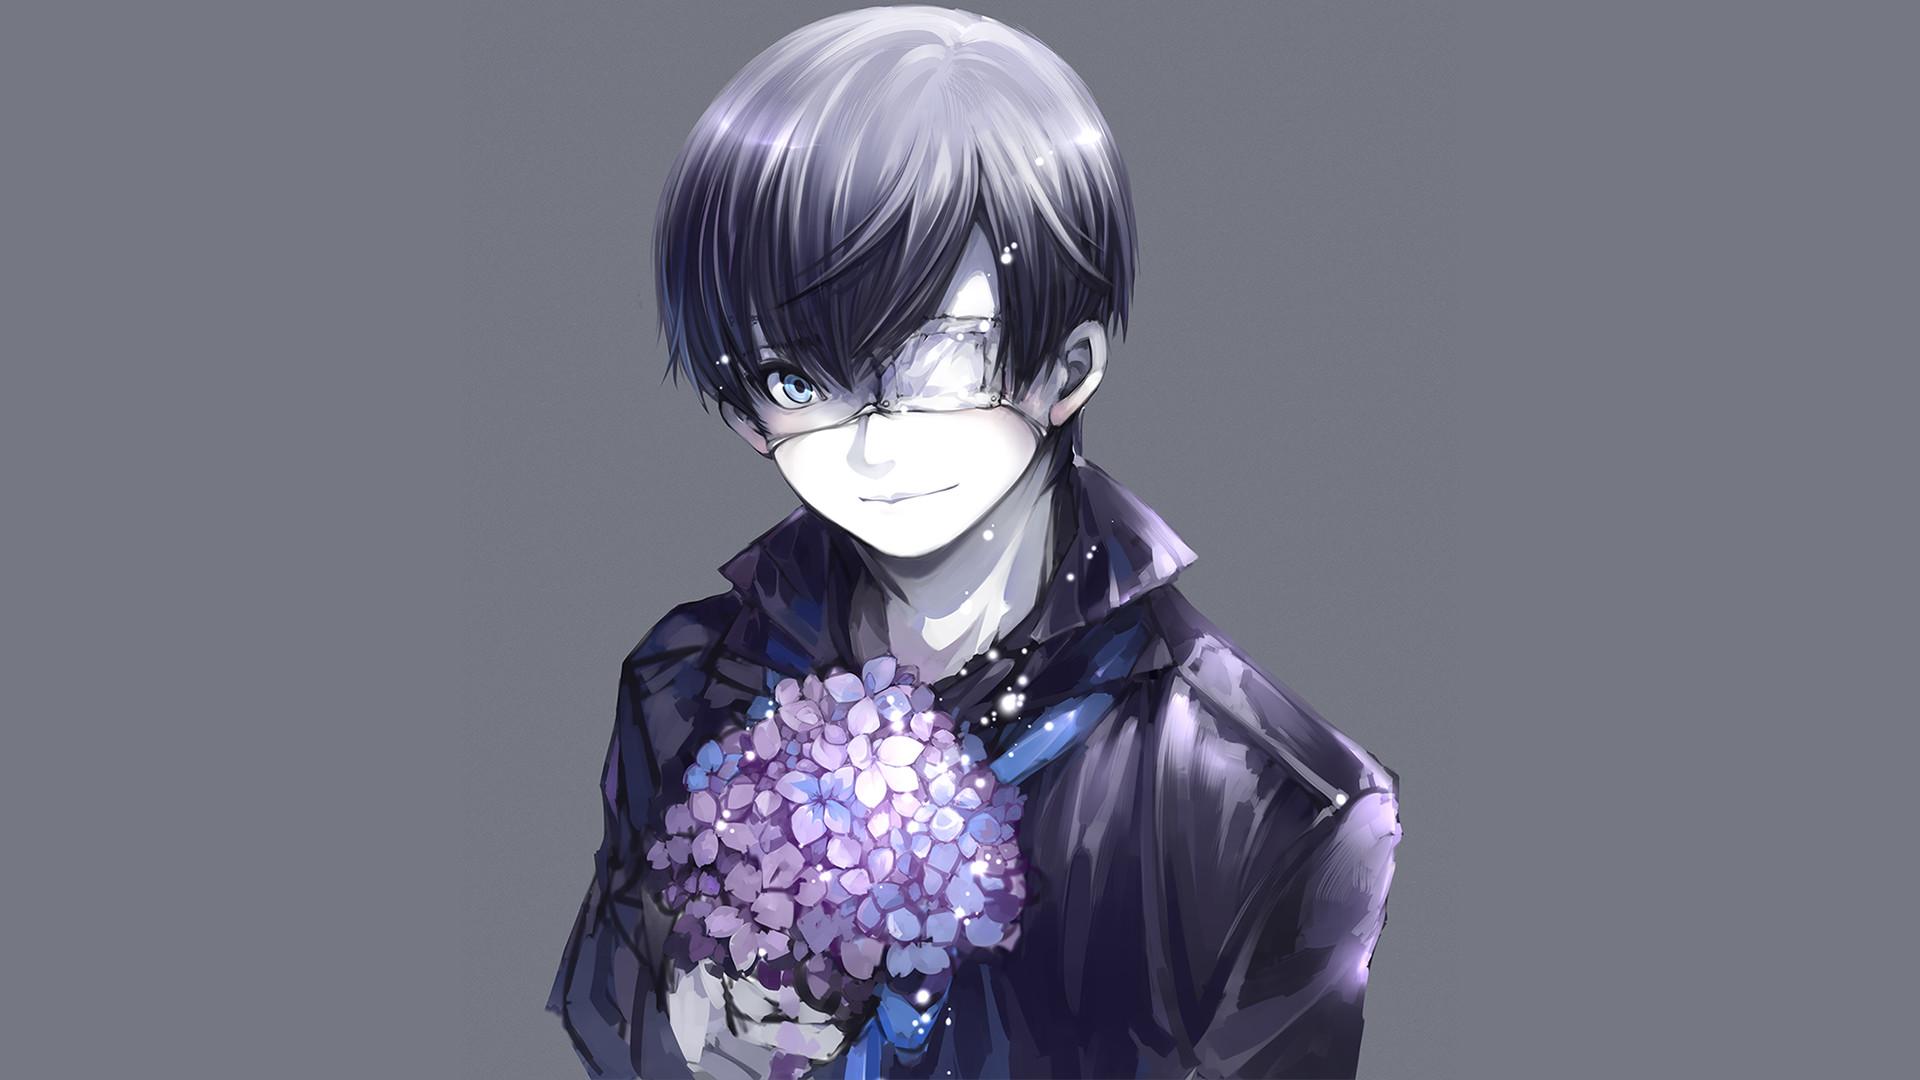 Anime – Tokyo Ghoul Ken Kaneki Wallpaper He's so damn cute *-*